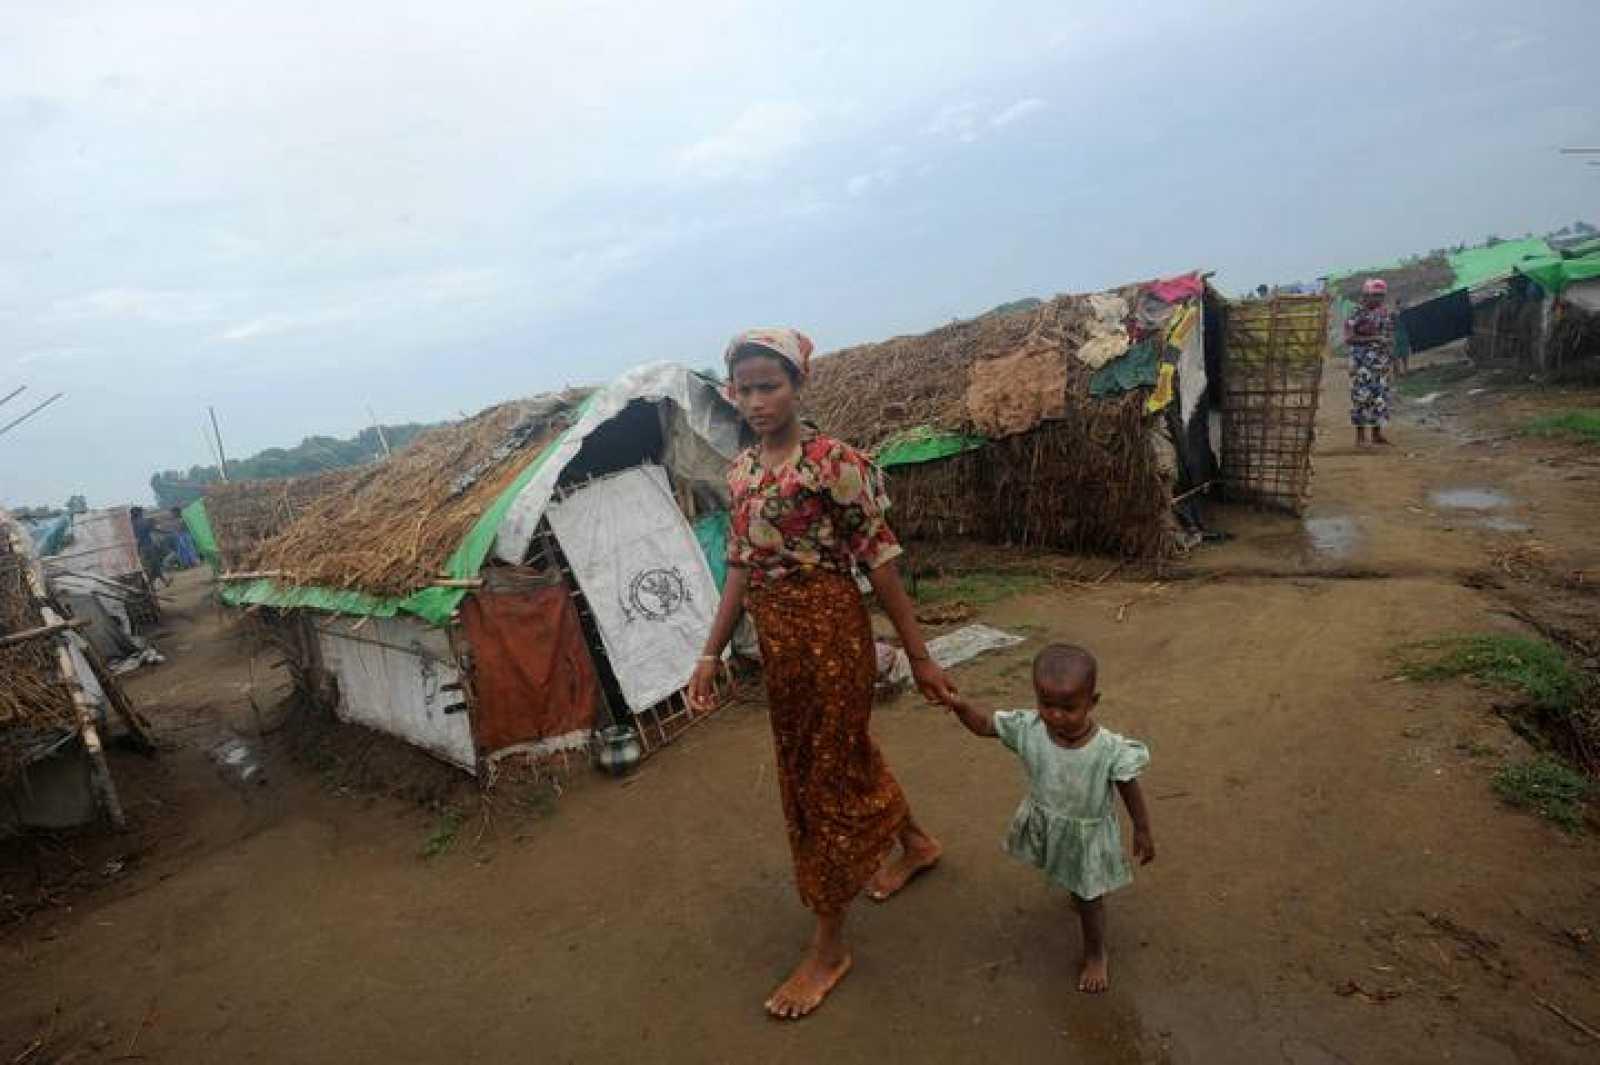 Una mujer rohingya en el campo de desplazados de Mansi, en Birmania